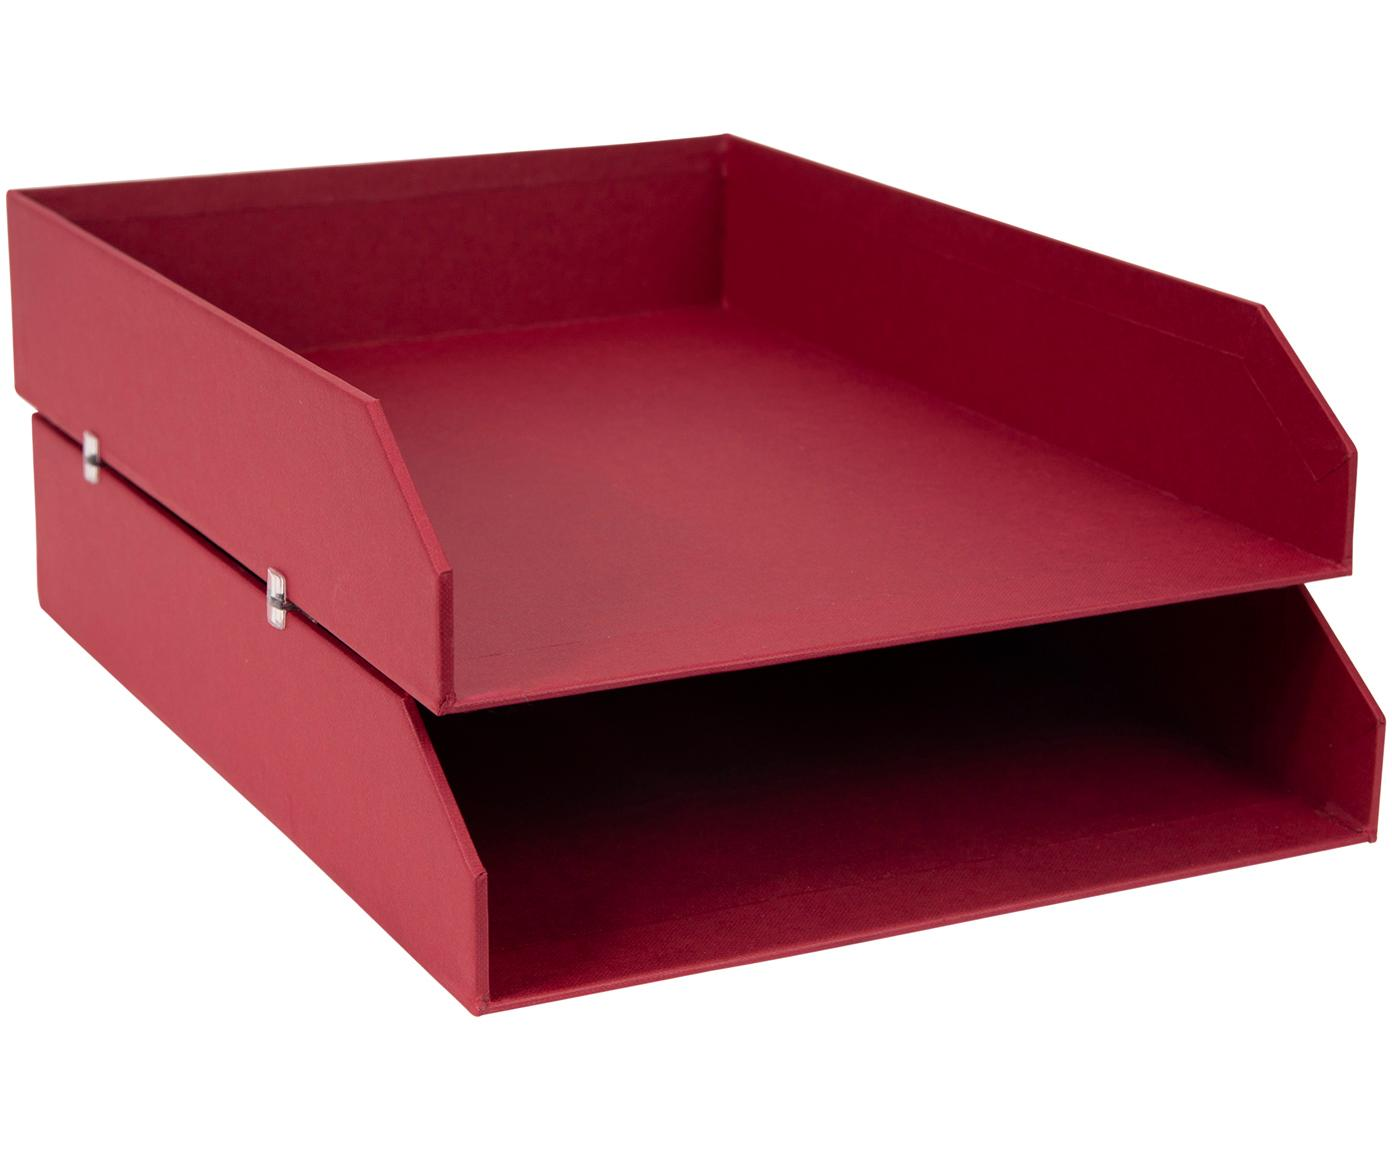 Organizer per documenti Hakan, 2 pz., Solido, cartone laminato, Rosso scuro, L 23 x P 31 cm